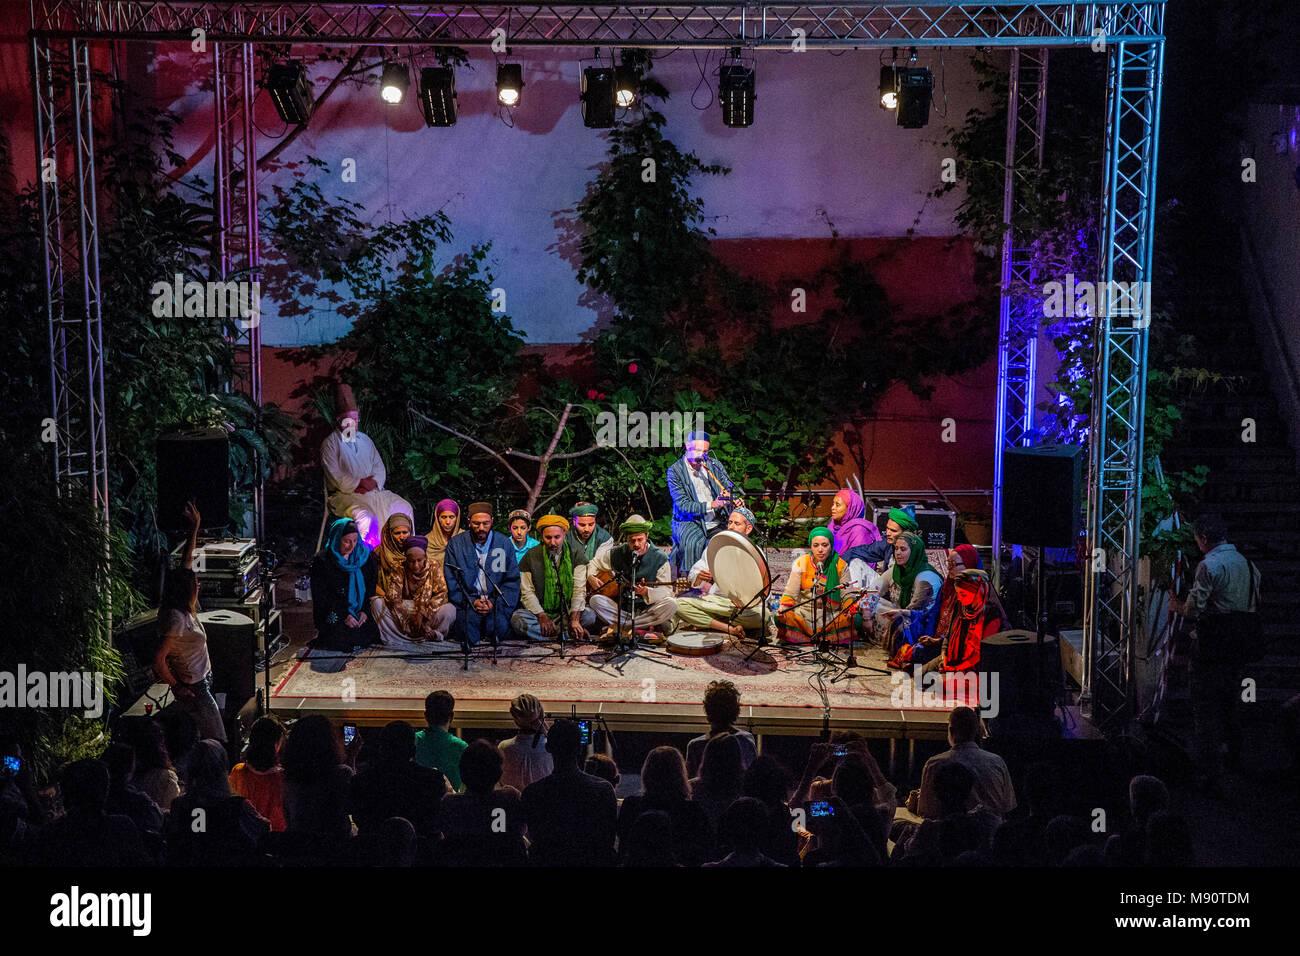 Concierto de música sufí en el Instituto de las Culturas Islámicas, París, Francia. Imagen De Stock